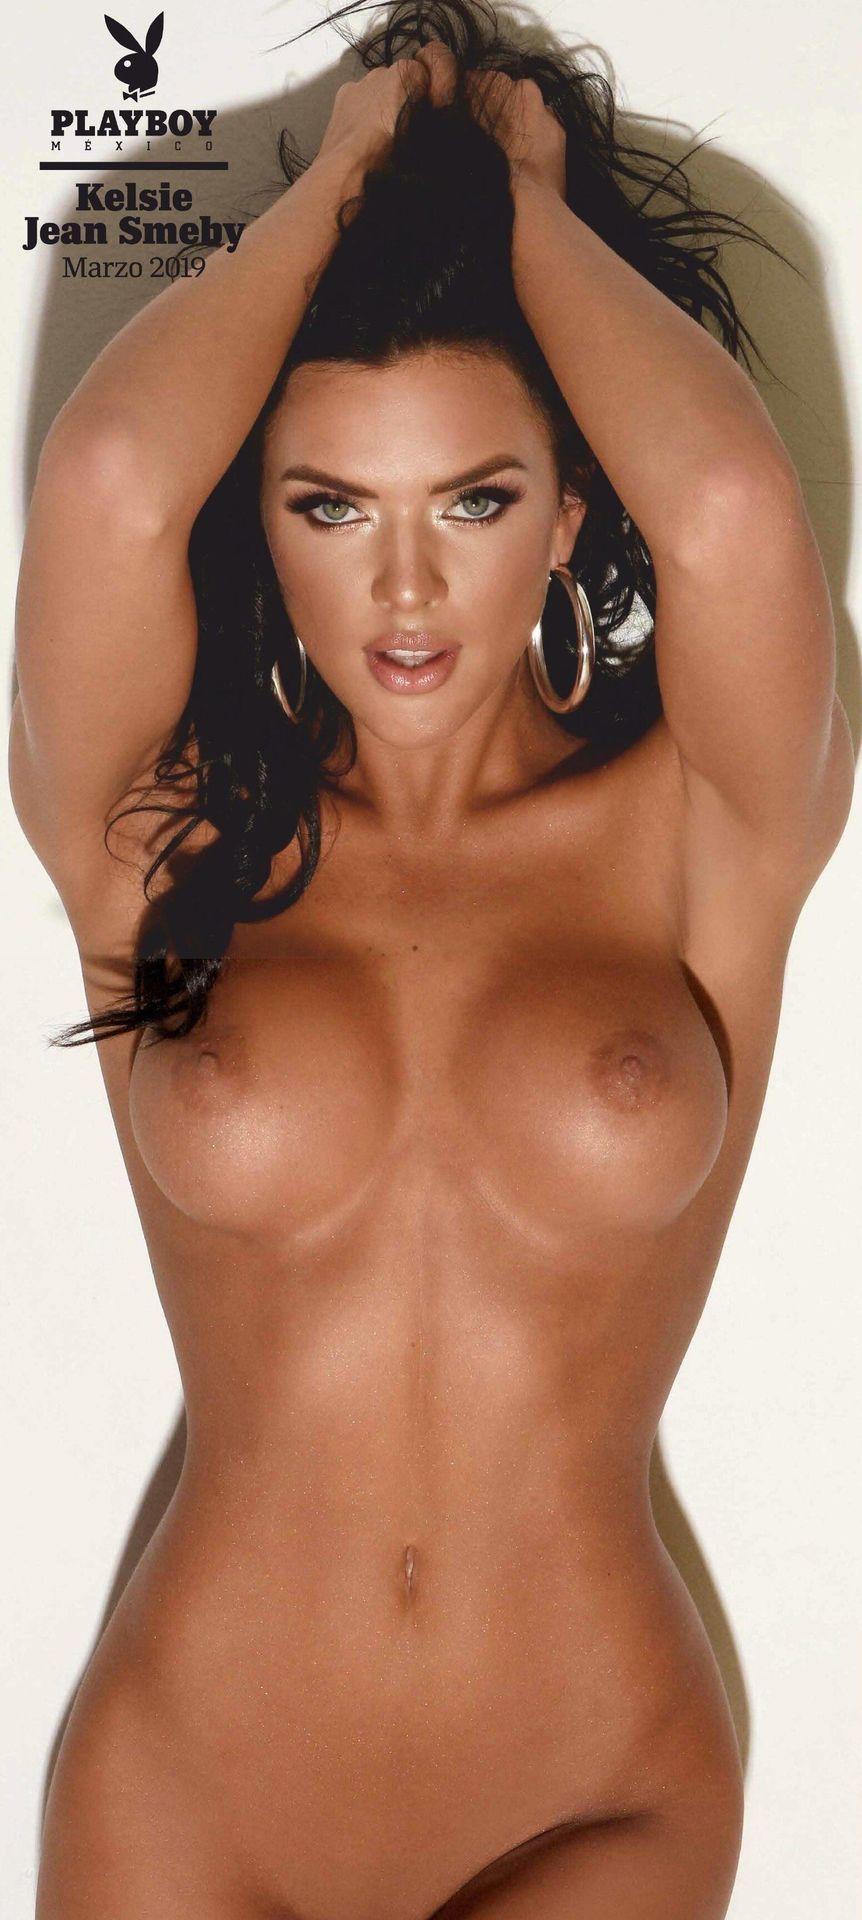 Ana Braga Desnuda kelsie jean smeby naked (5 photos) – ( ͡° ͜ʖ ͡°) |the